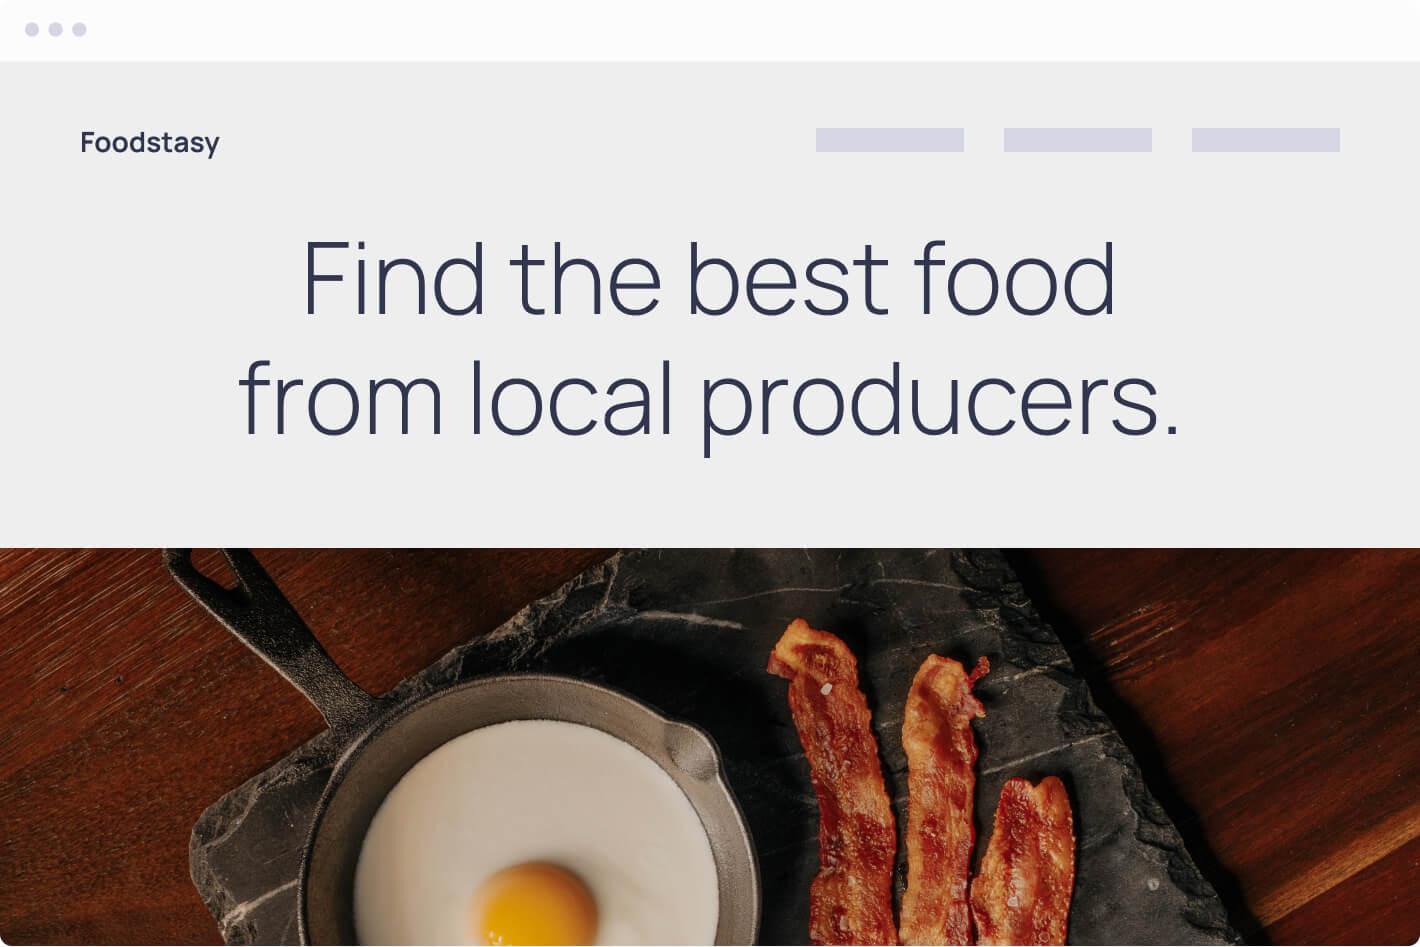 Browser mockup of a fast food restaurant website